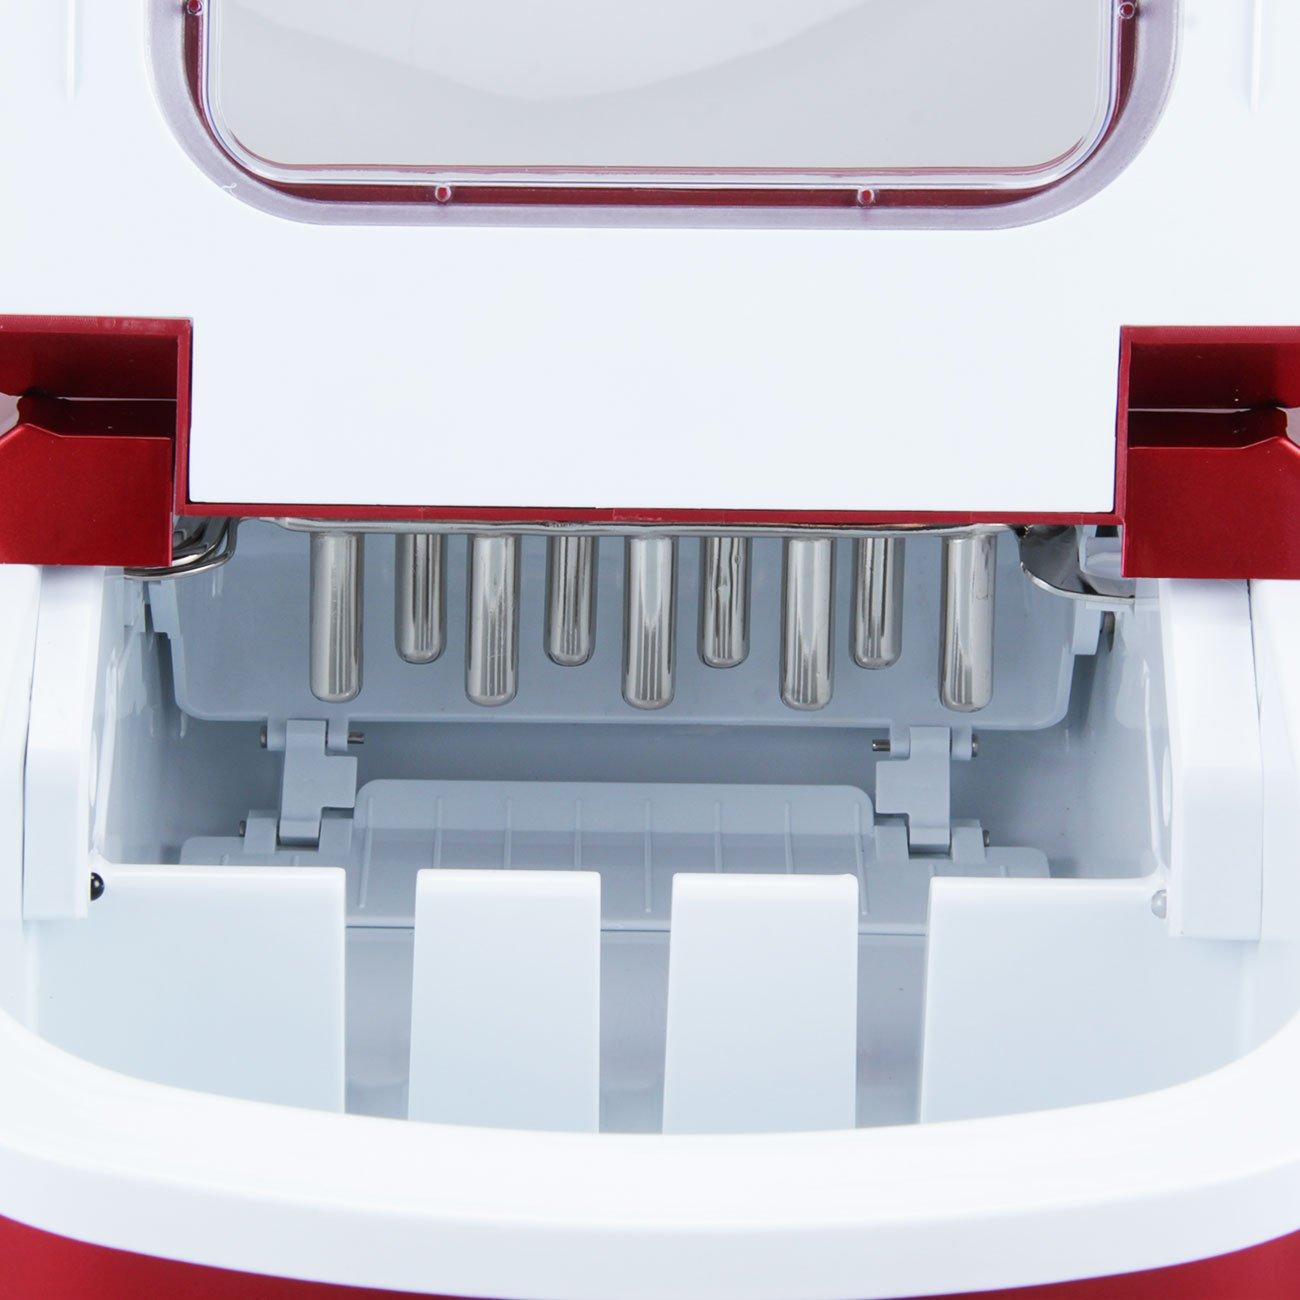 Della Portable Electric Ice Maker Machine Producing 26 Lbs. Of Ice Per Day- Red by DELLA (Image #6)